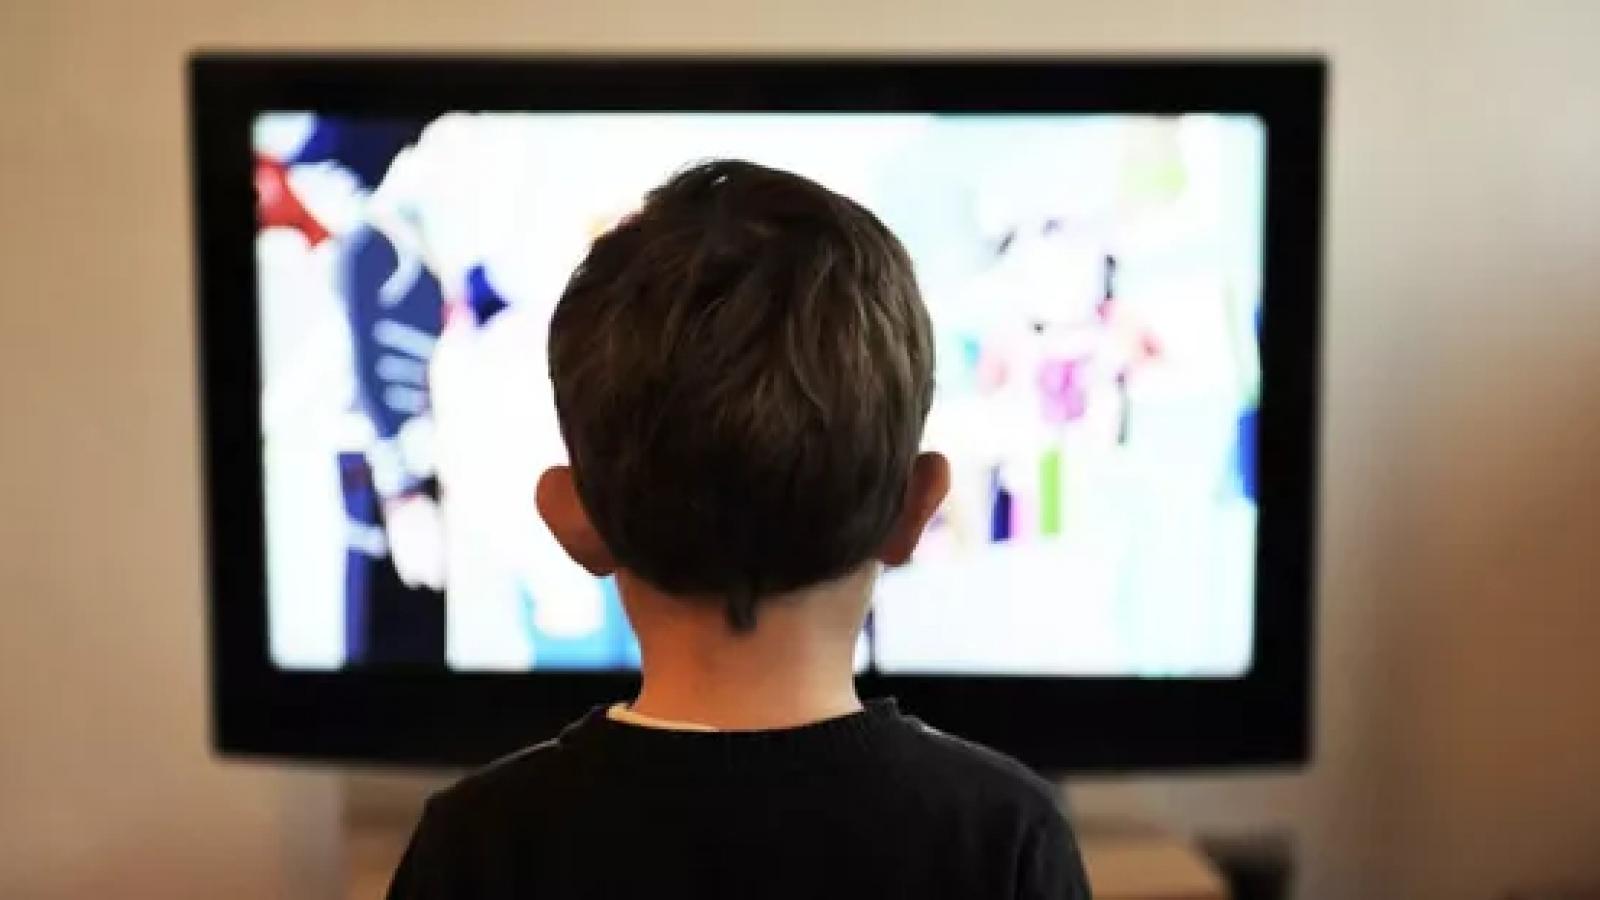 Làm thế nào để giảm tác hại của ti vi, điện thoại đối với trẻ?